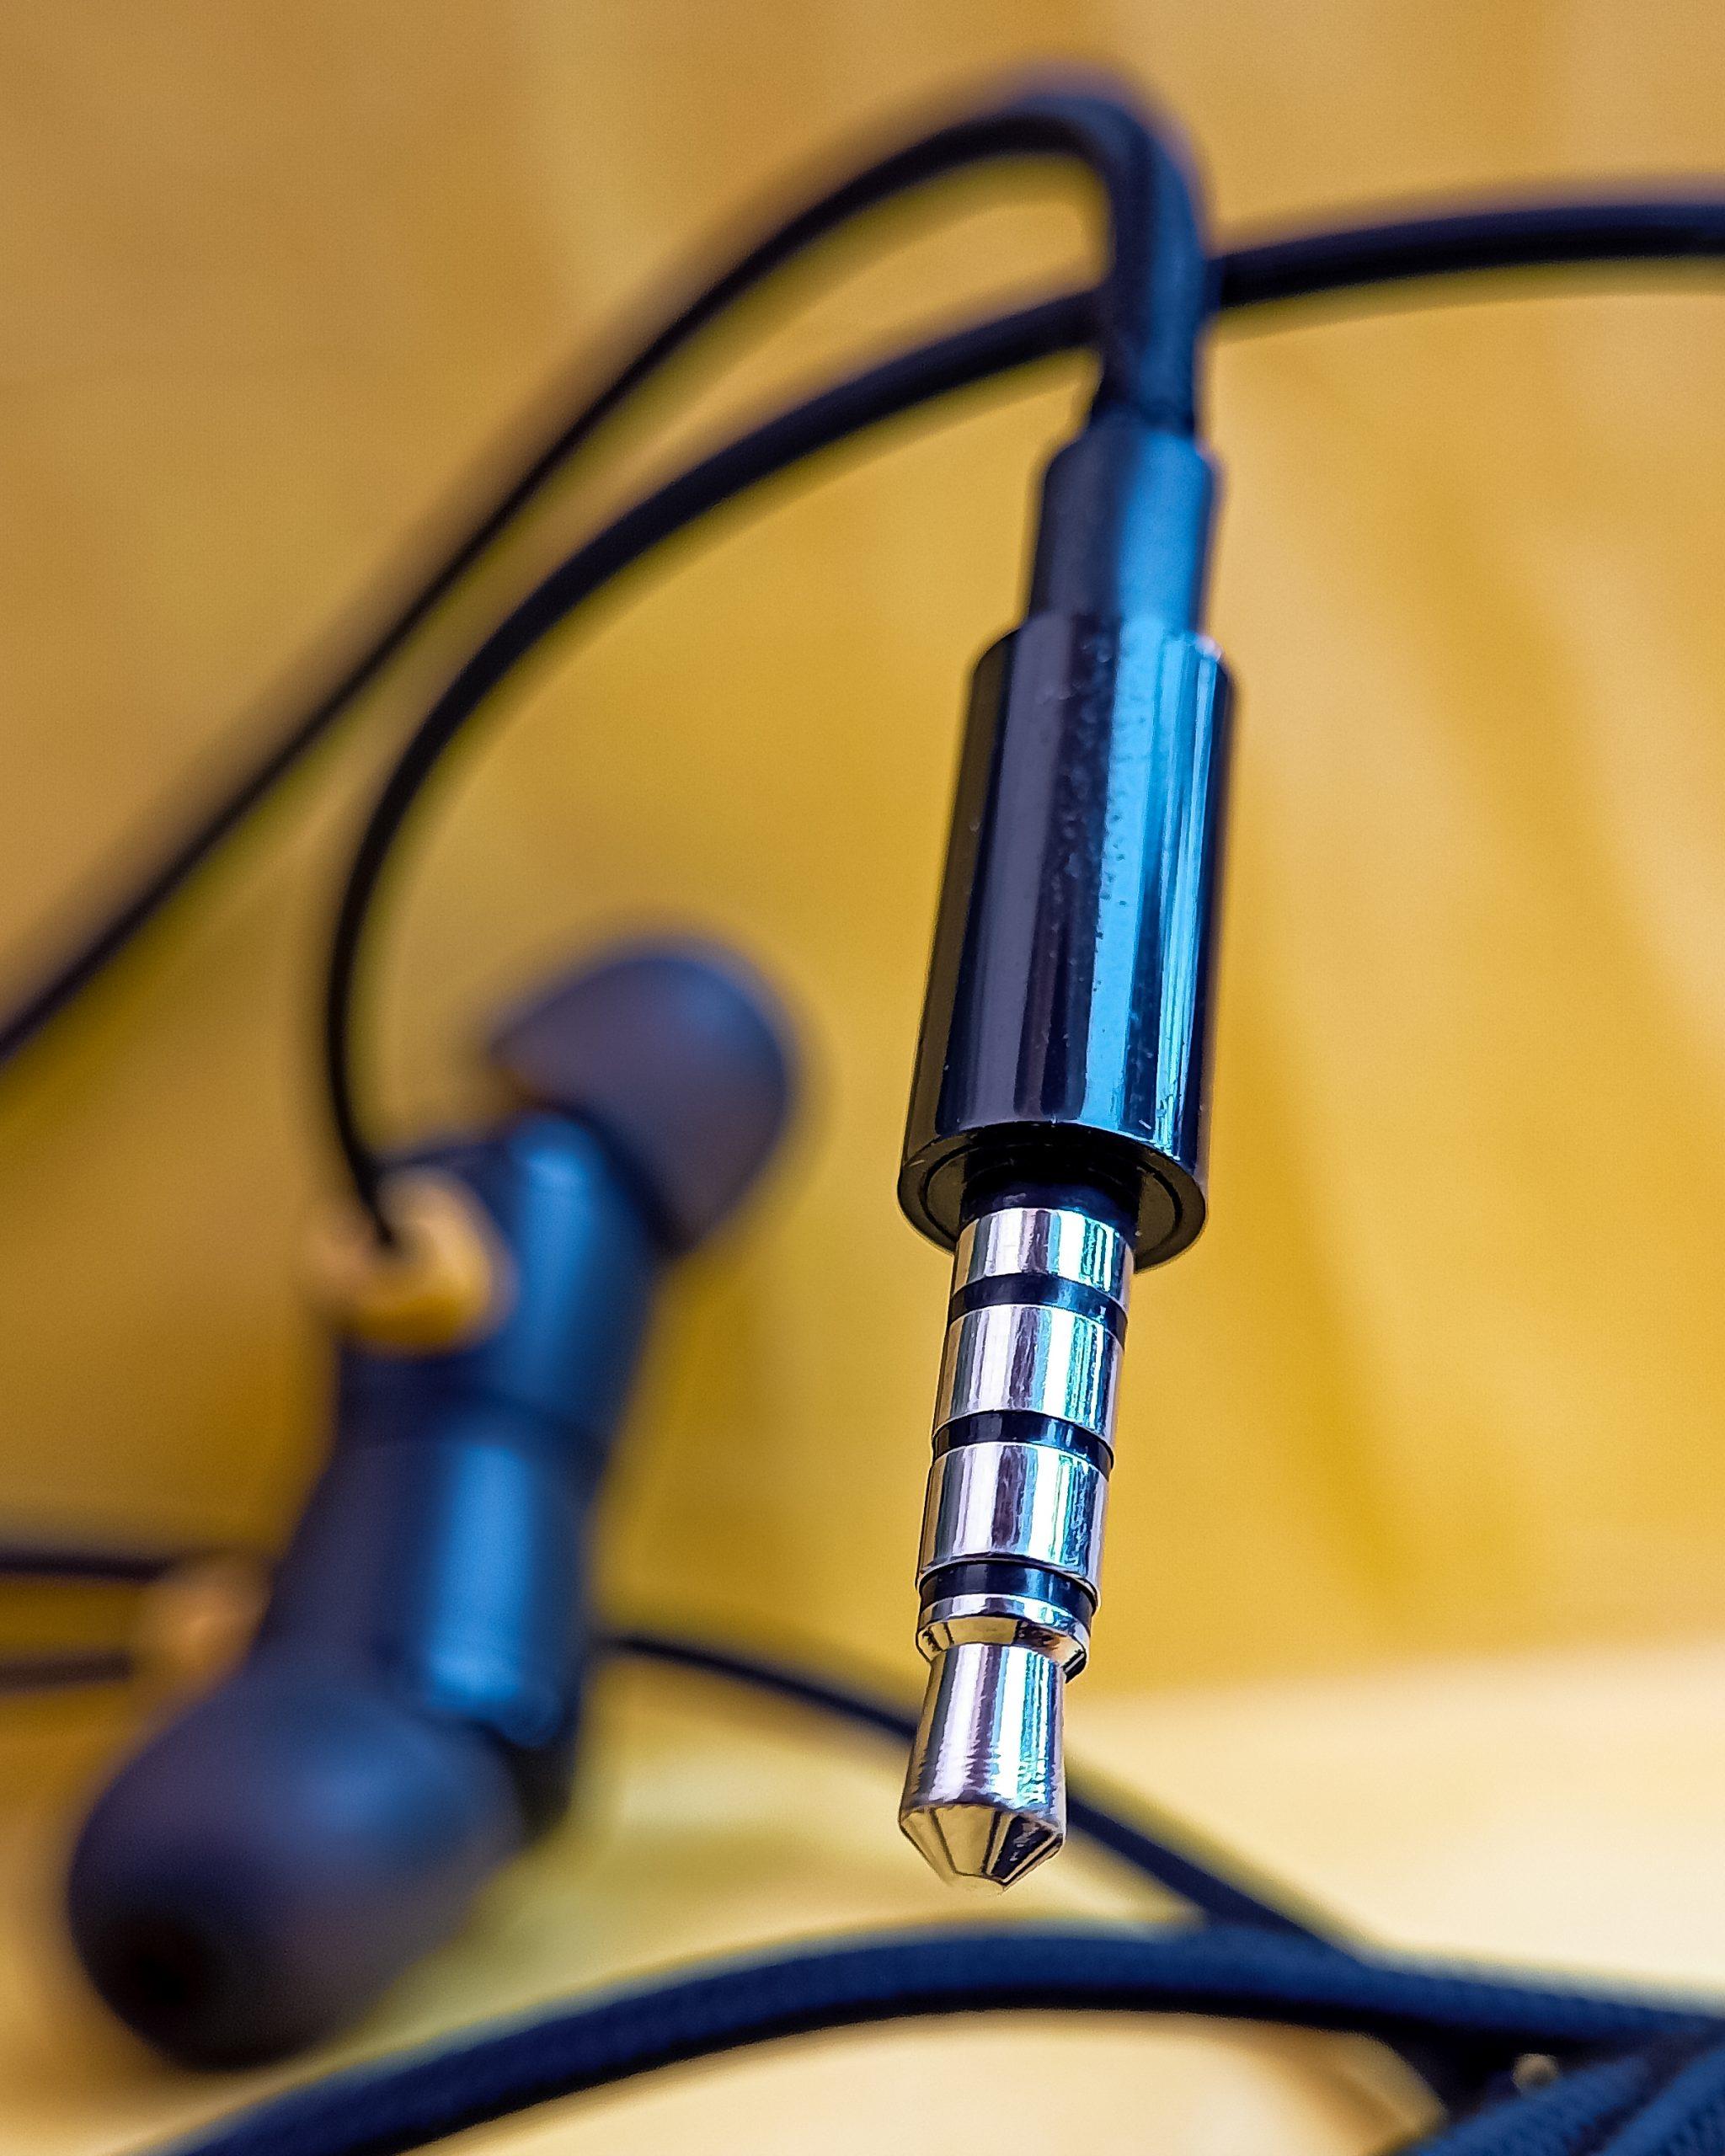 Input jack of an earphones